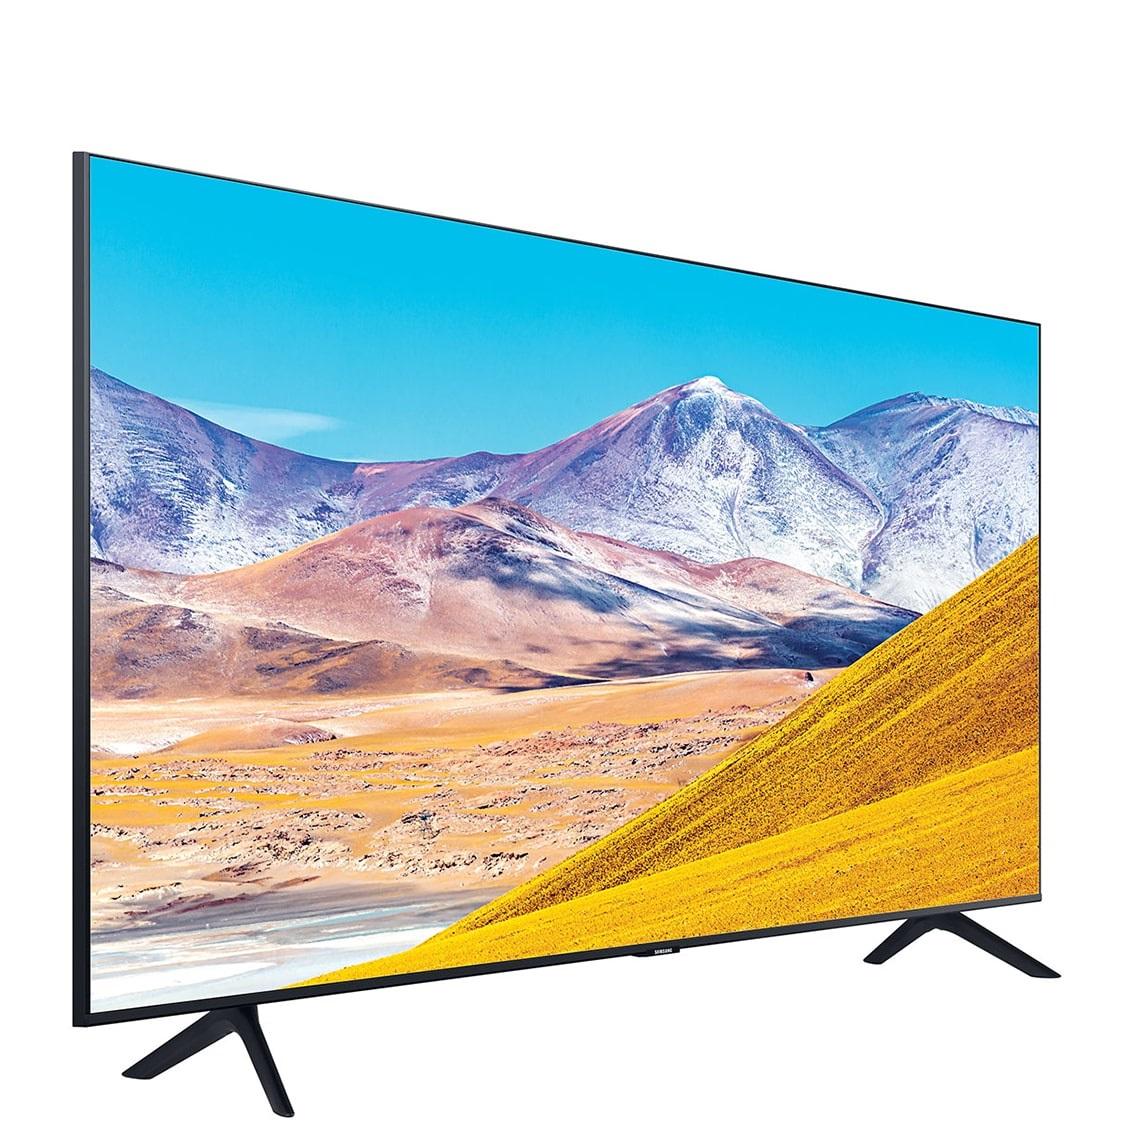 تلویزیون سامسونگ مدل 50TU8000